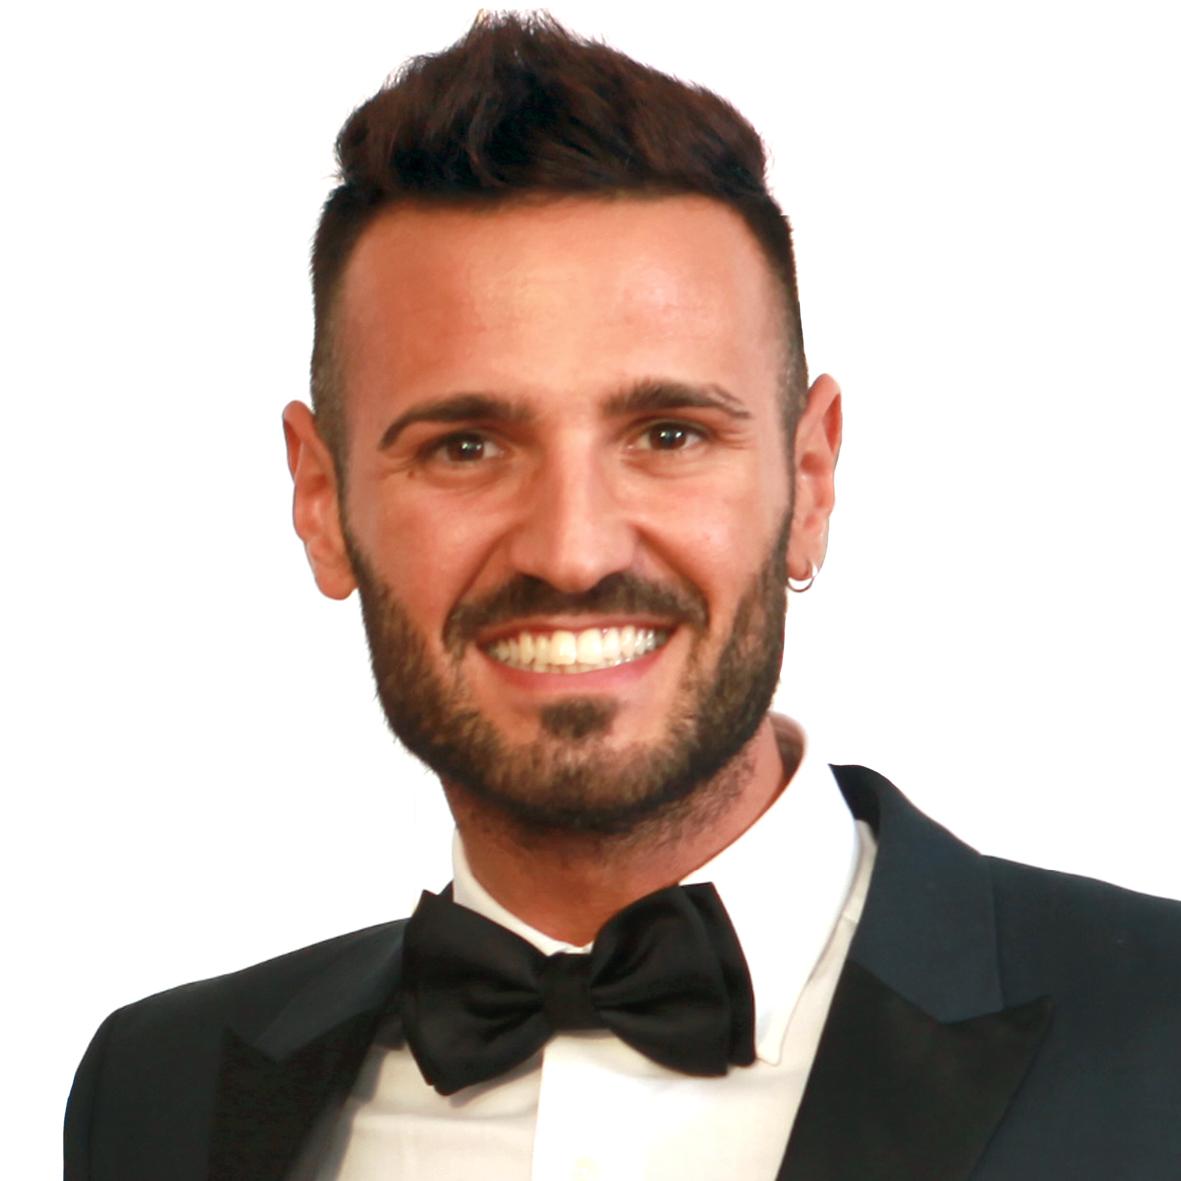 Mirko Gaudino